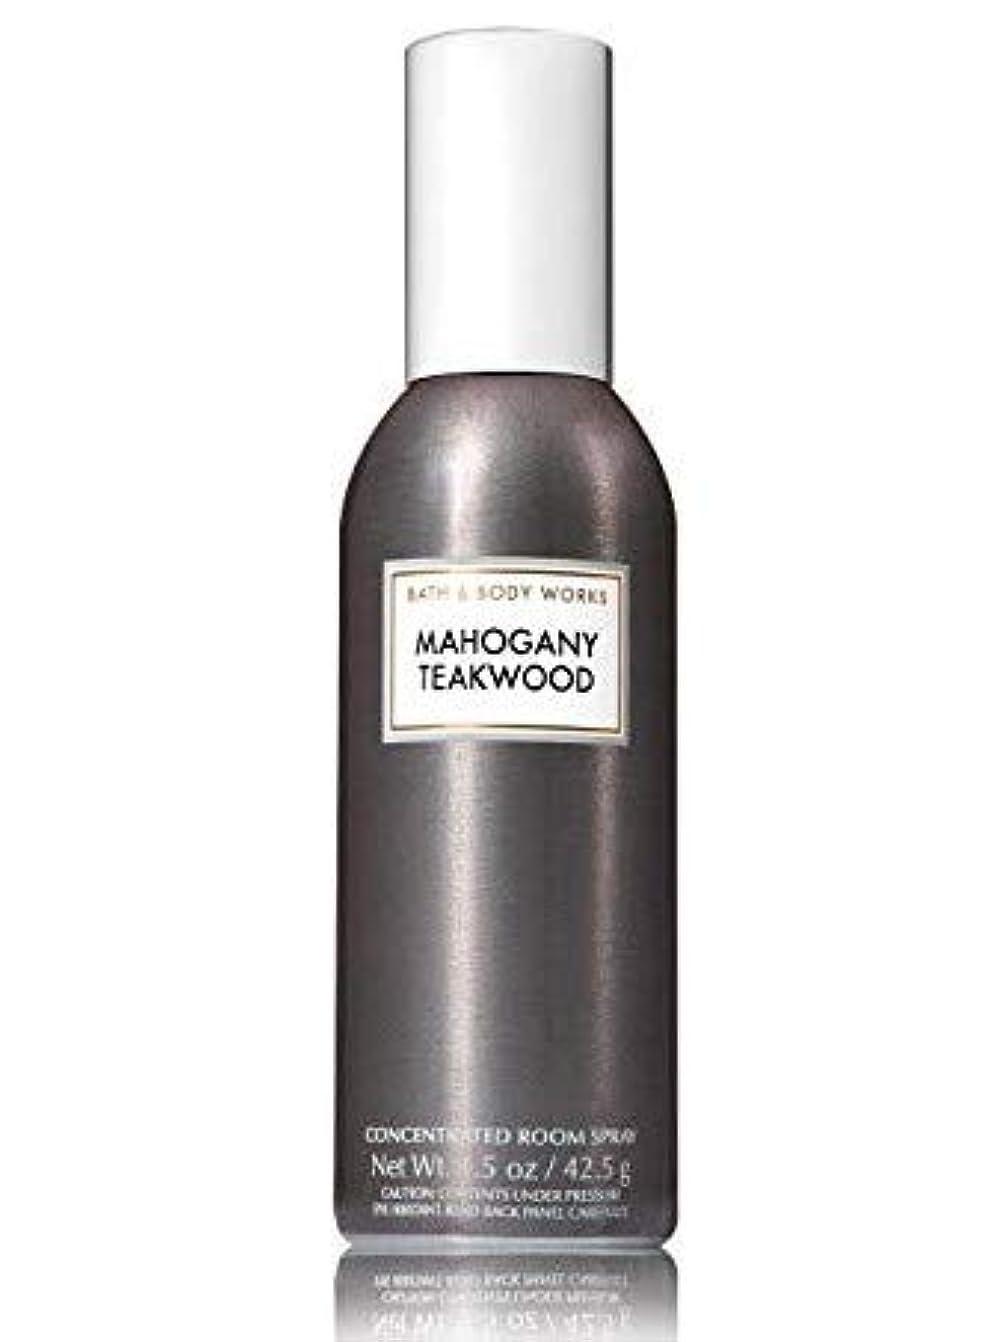 ゼロありふれたたっぷり【Bath&Body Works/バス&ボディワークス】 ルームスプレー マホガニーティークウッド 1.5 oz. Concentrated Room Spray/Room Perfume Mahogany Teakwood [並行輸入品]